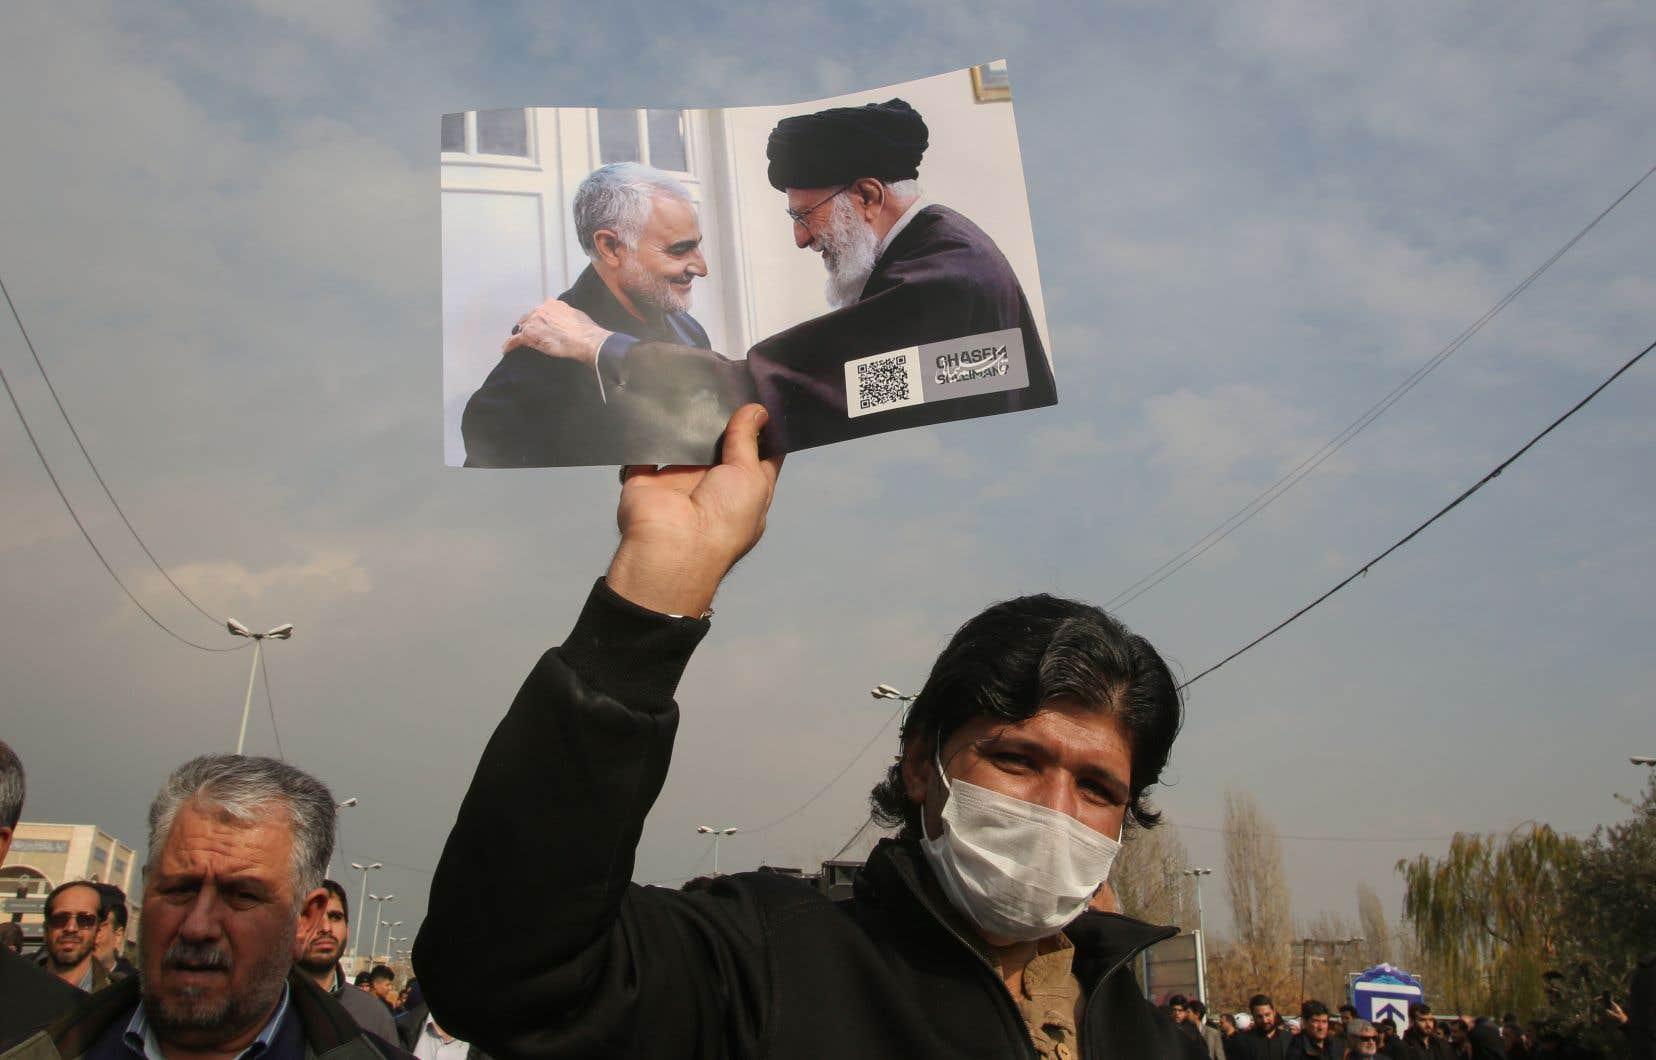 Un manifestan iranien brandit une image où figure le général Qassem Soleimani, tué vendredi dans un raid américain à Bagdad, en compagnie de l'ayatollah Khamenei.